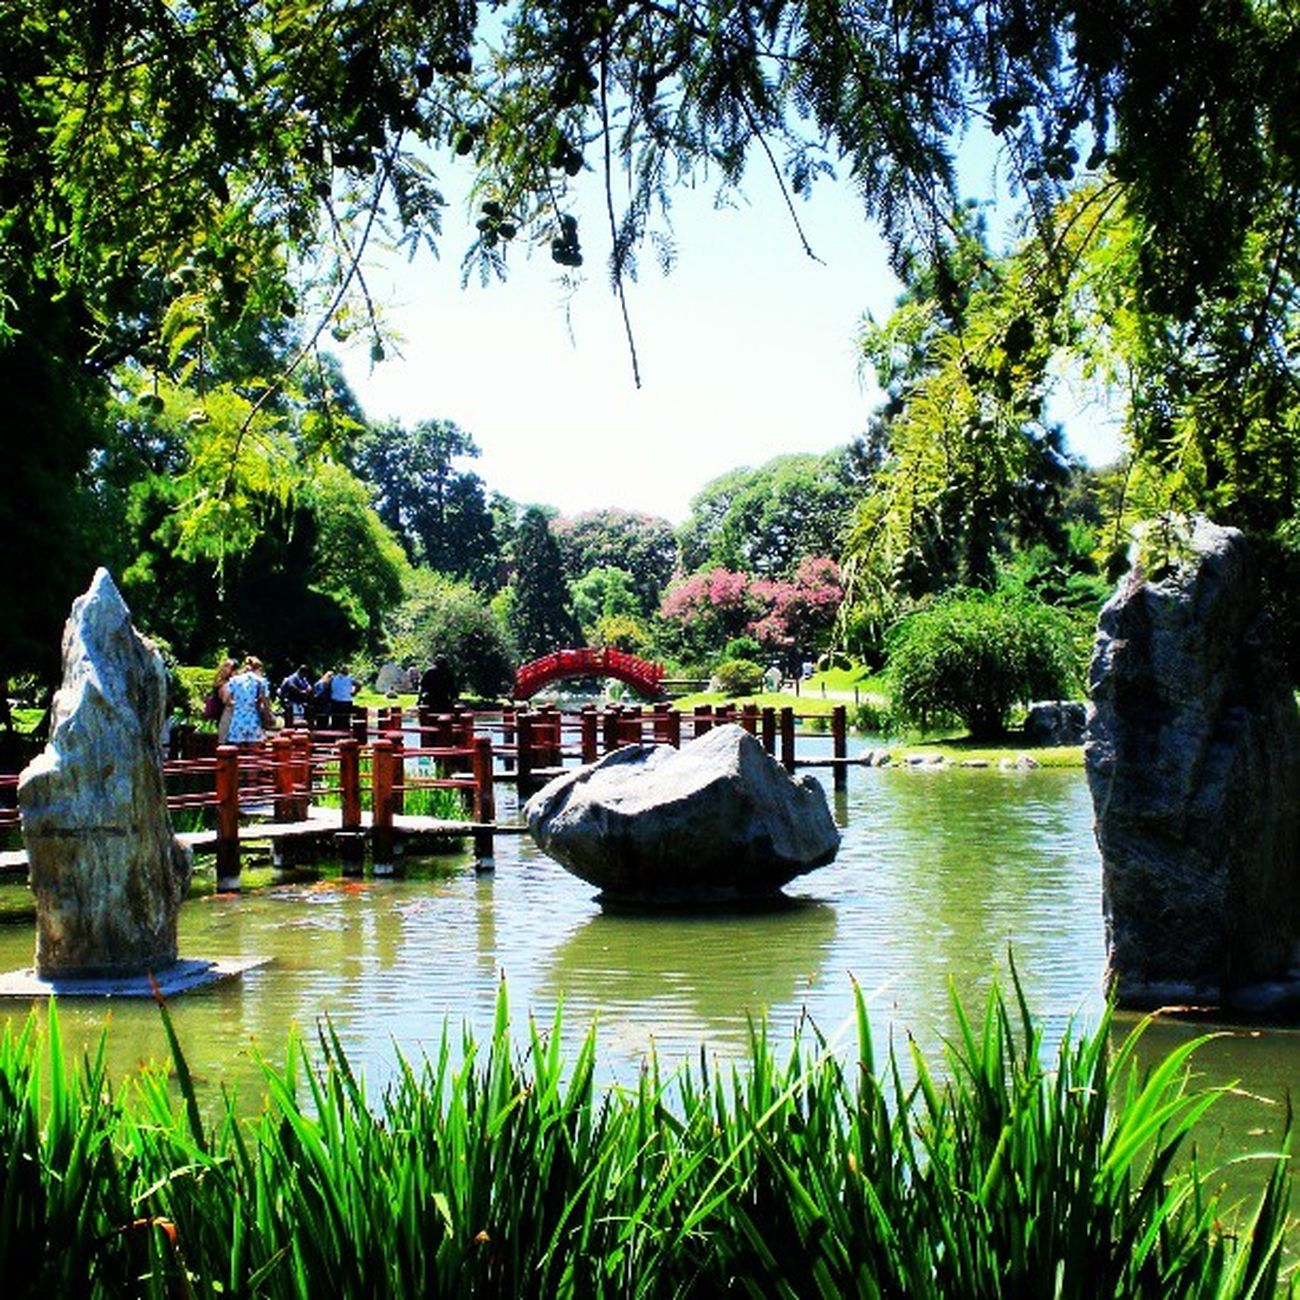 Japanese garden Japanesegarden Japanese  Jardin Streetphotoargentina Streetphoto Zen Balance Nice Garden